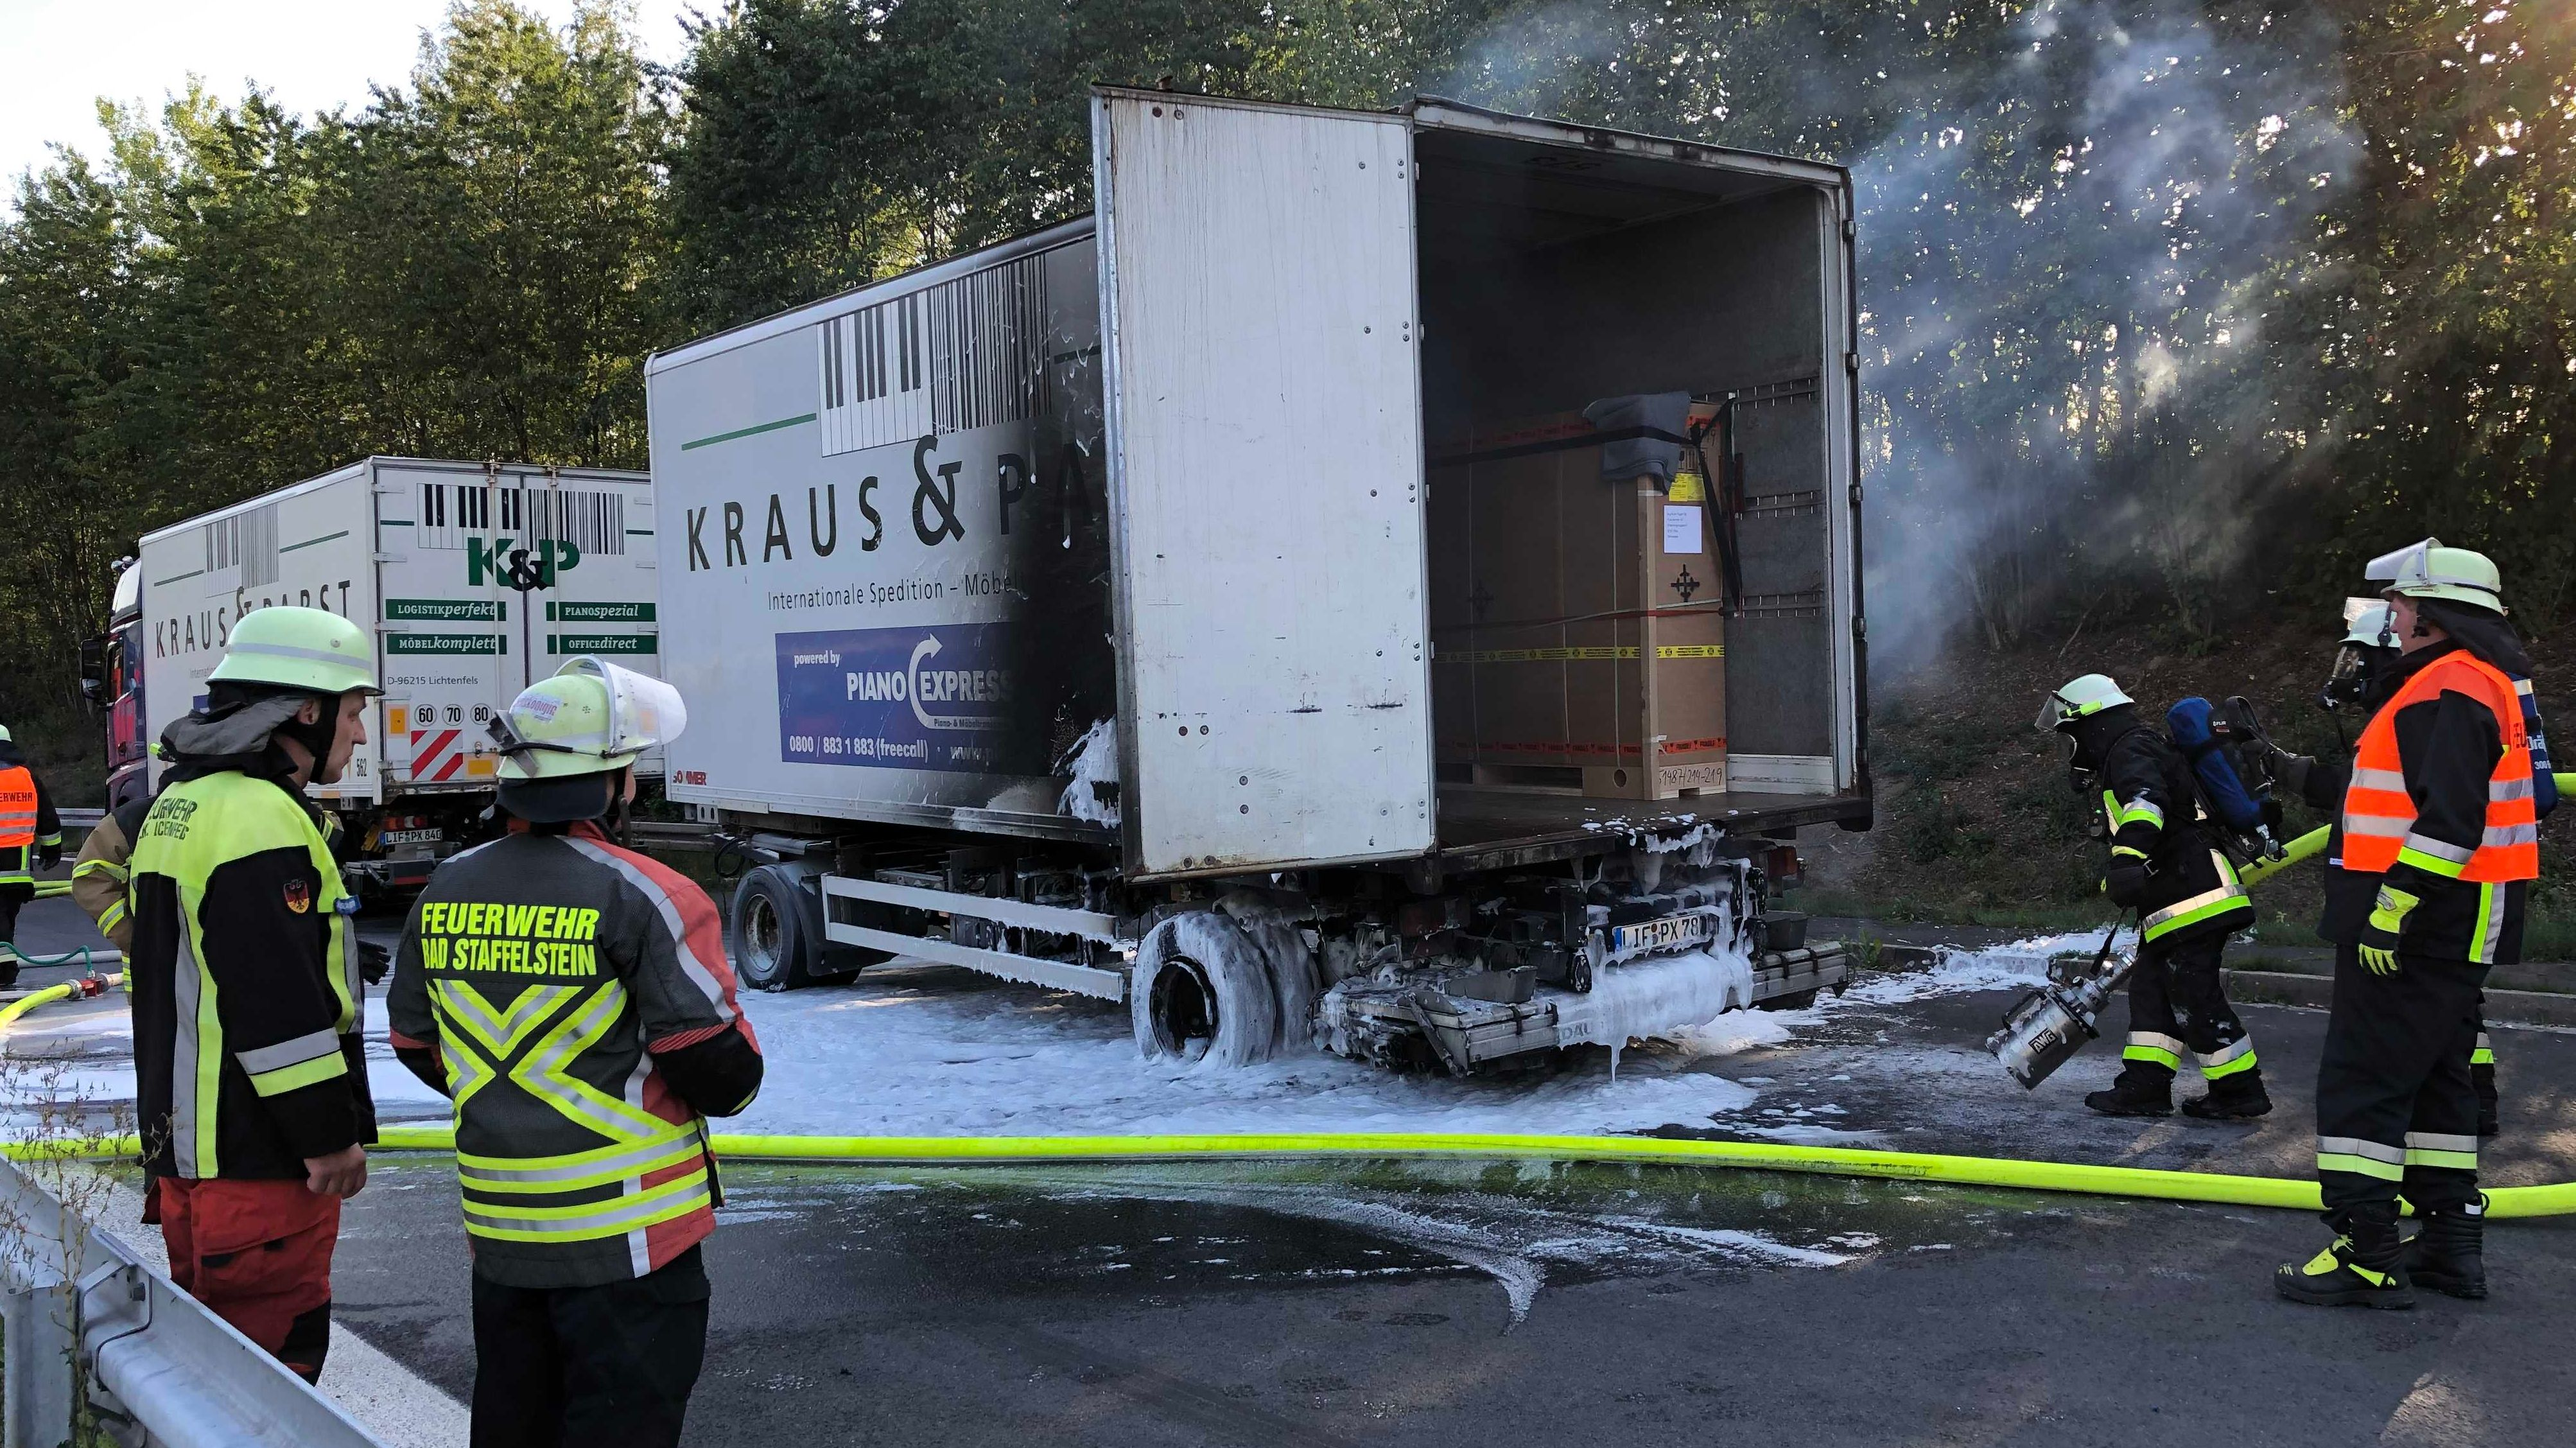 Vier Feuerwehrleute löschen bei Zapfendorf einen Lkw-Anhänger, in dem sich zwei hochwertige Klaviere befanden, die somit unbeschädigt bleiben.